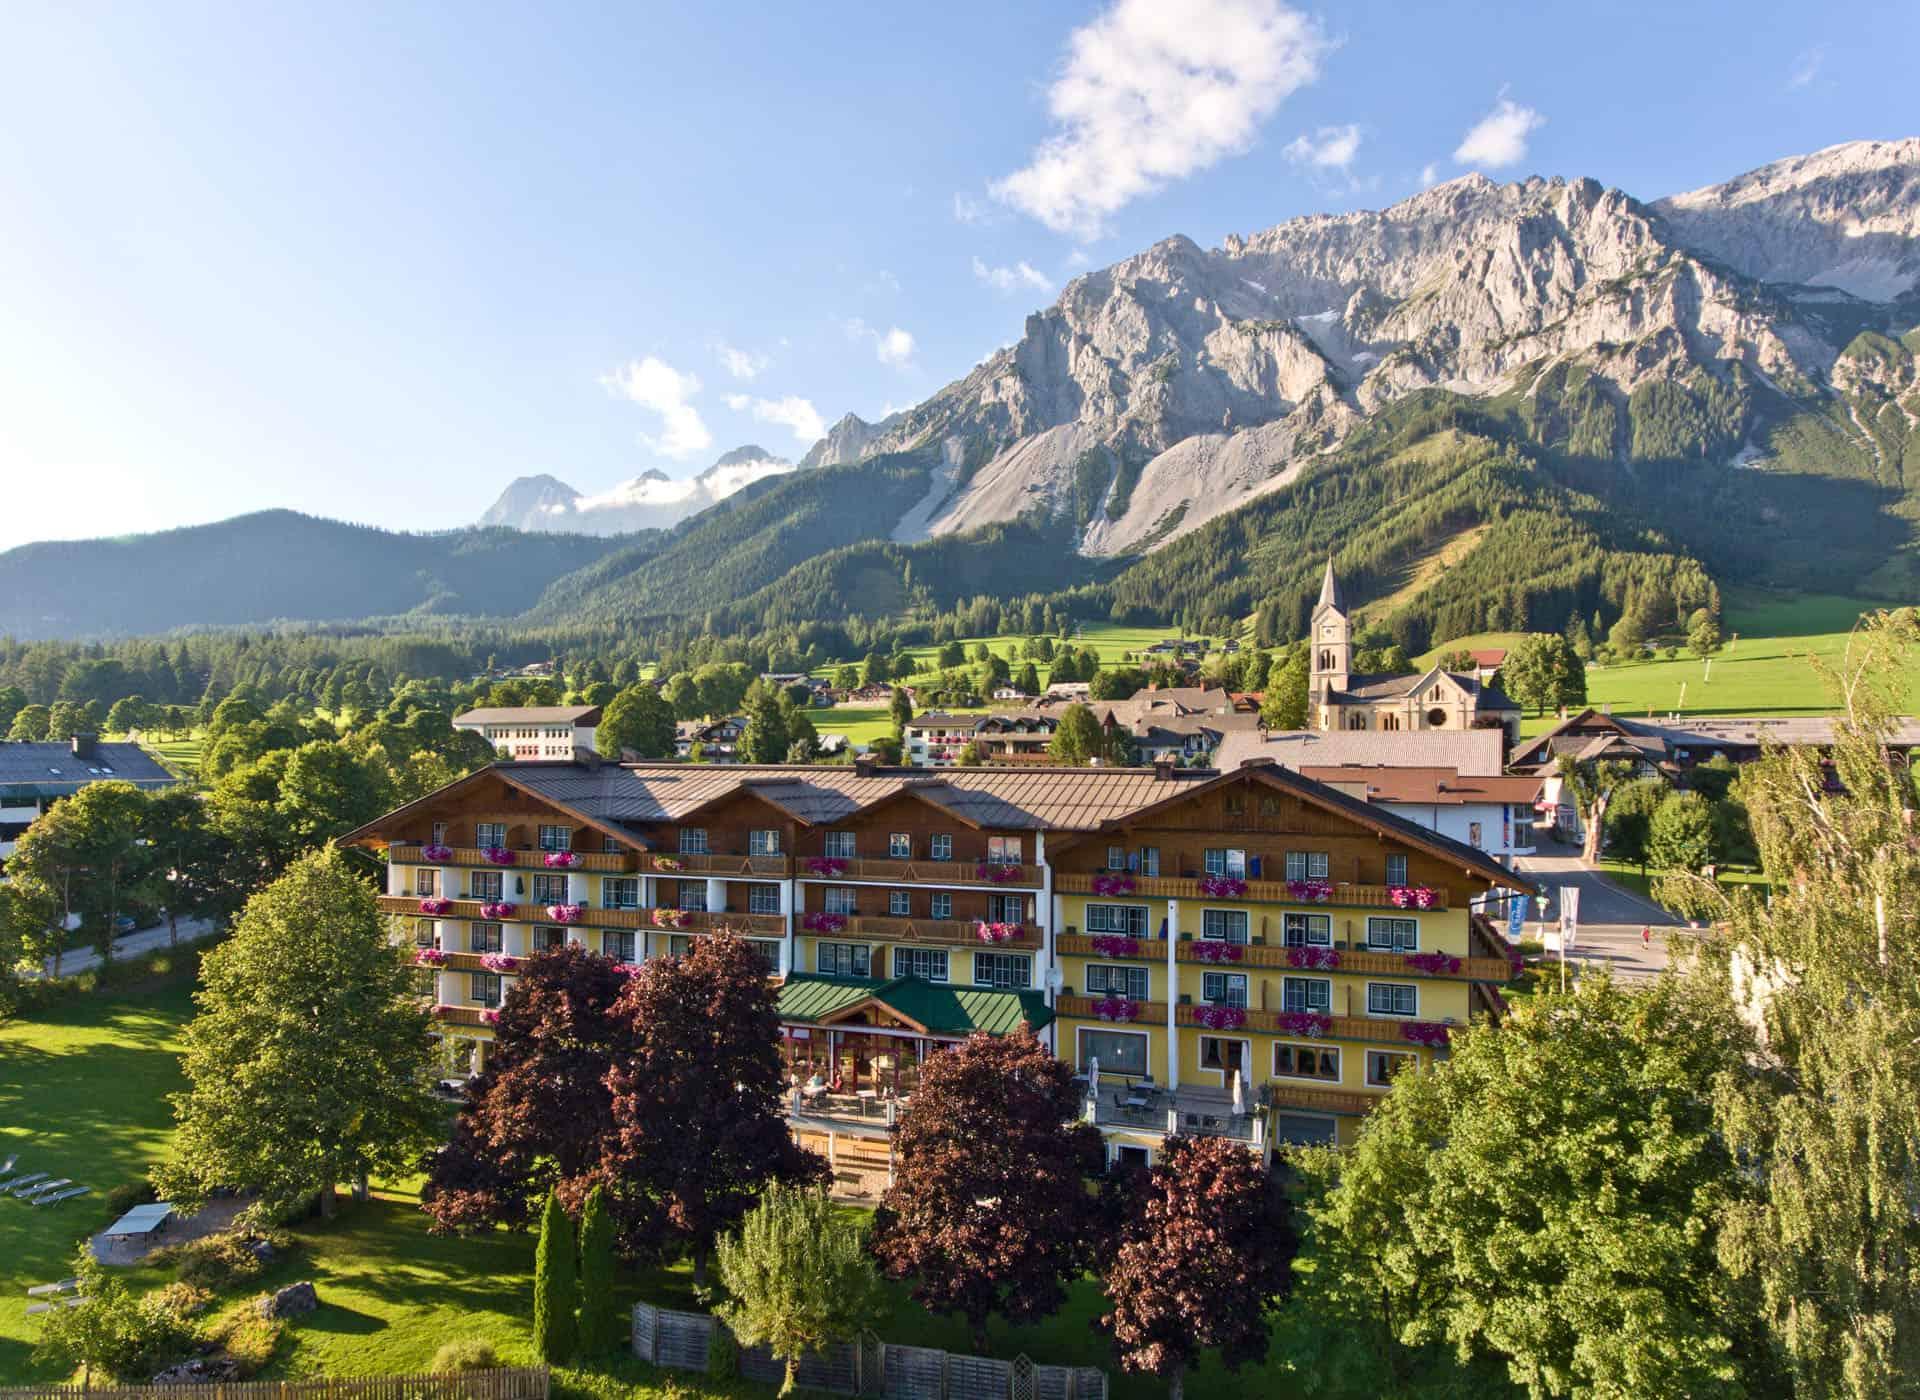 ****Hotel Matschner, Ramsau am Dachstein